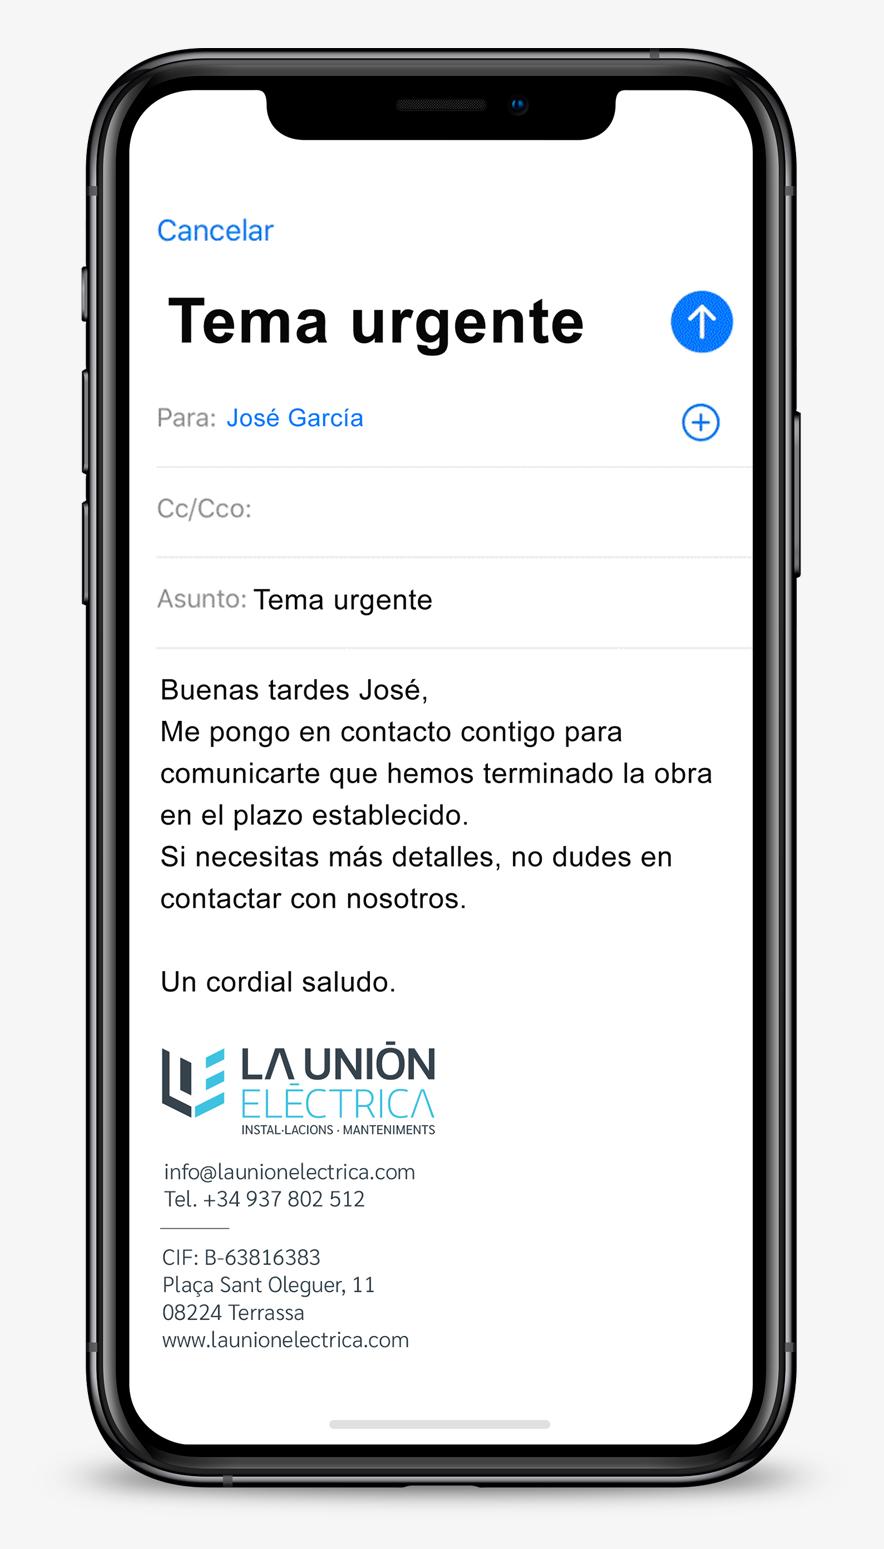 rediseno branding empresa 16 - REDISEÑO BRANDING EMPRESA DE INSTALACIONES